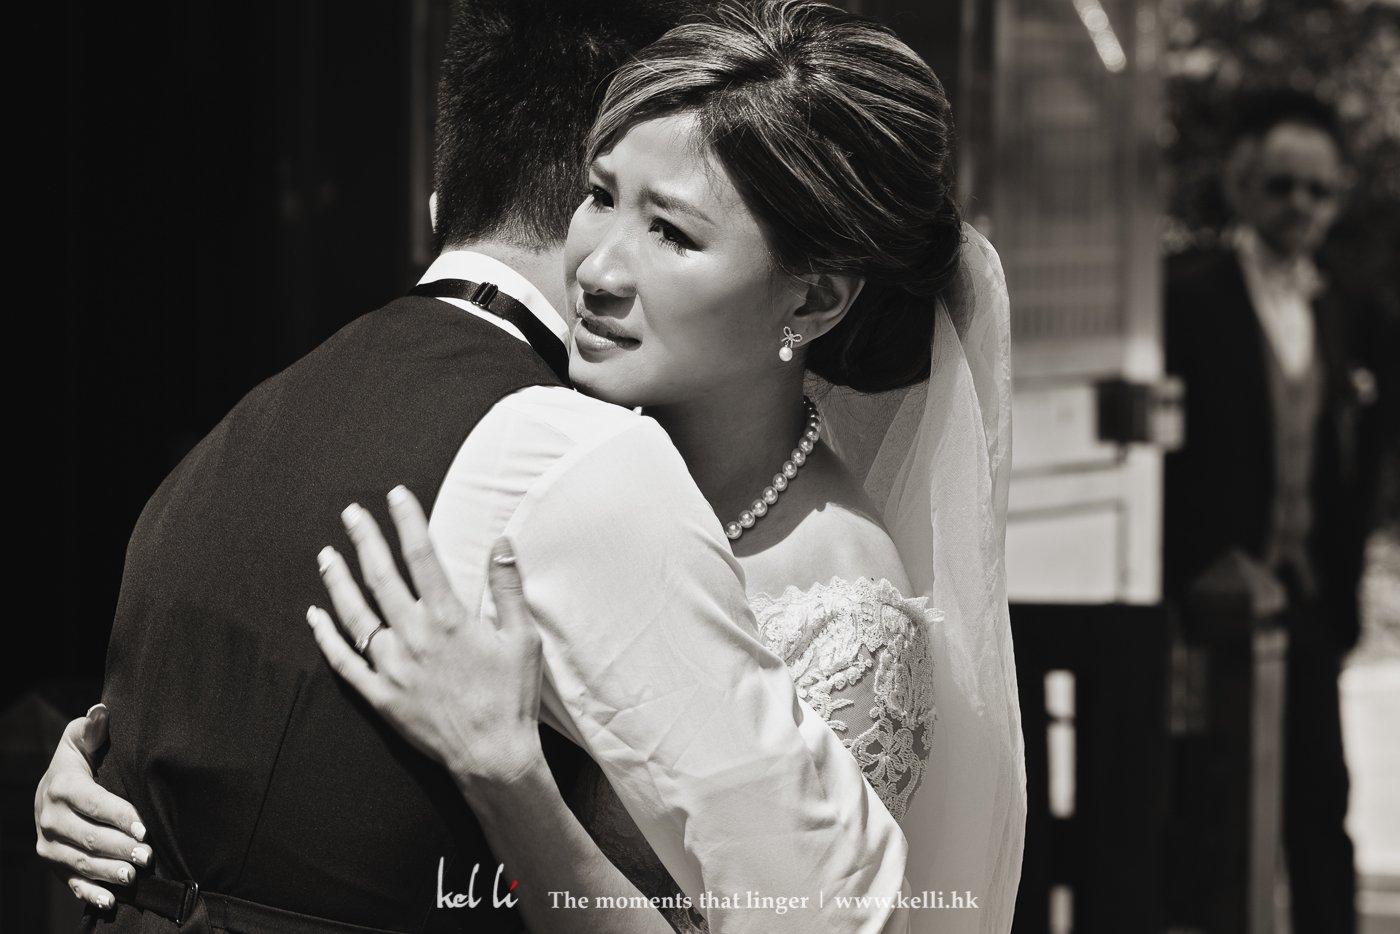 由於新郎在外國長大,所以在新娘穿上婚紗時也按外國習慣,拍攝穿上婚禮後的新娘,第一次見到新郎的情景,新娘再次落淚,很喜歡這儀式